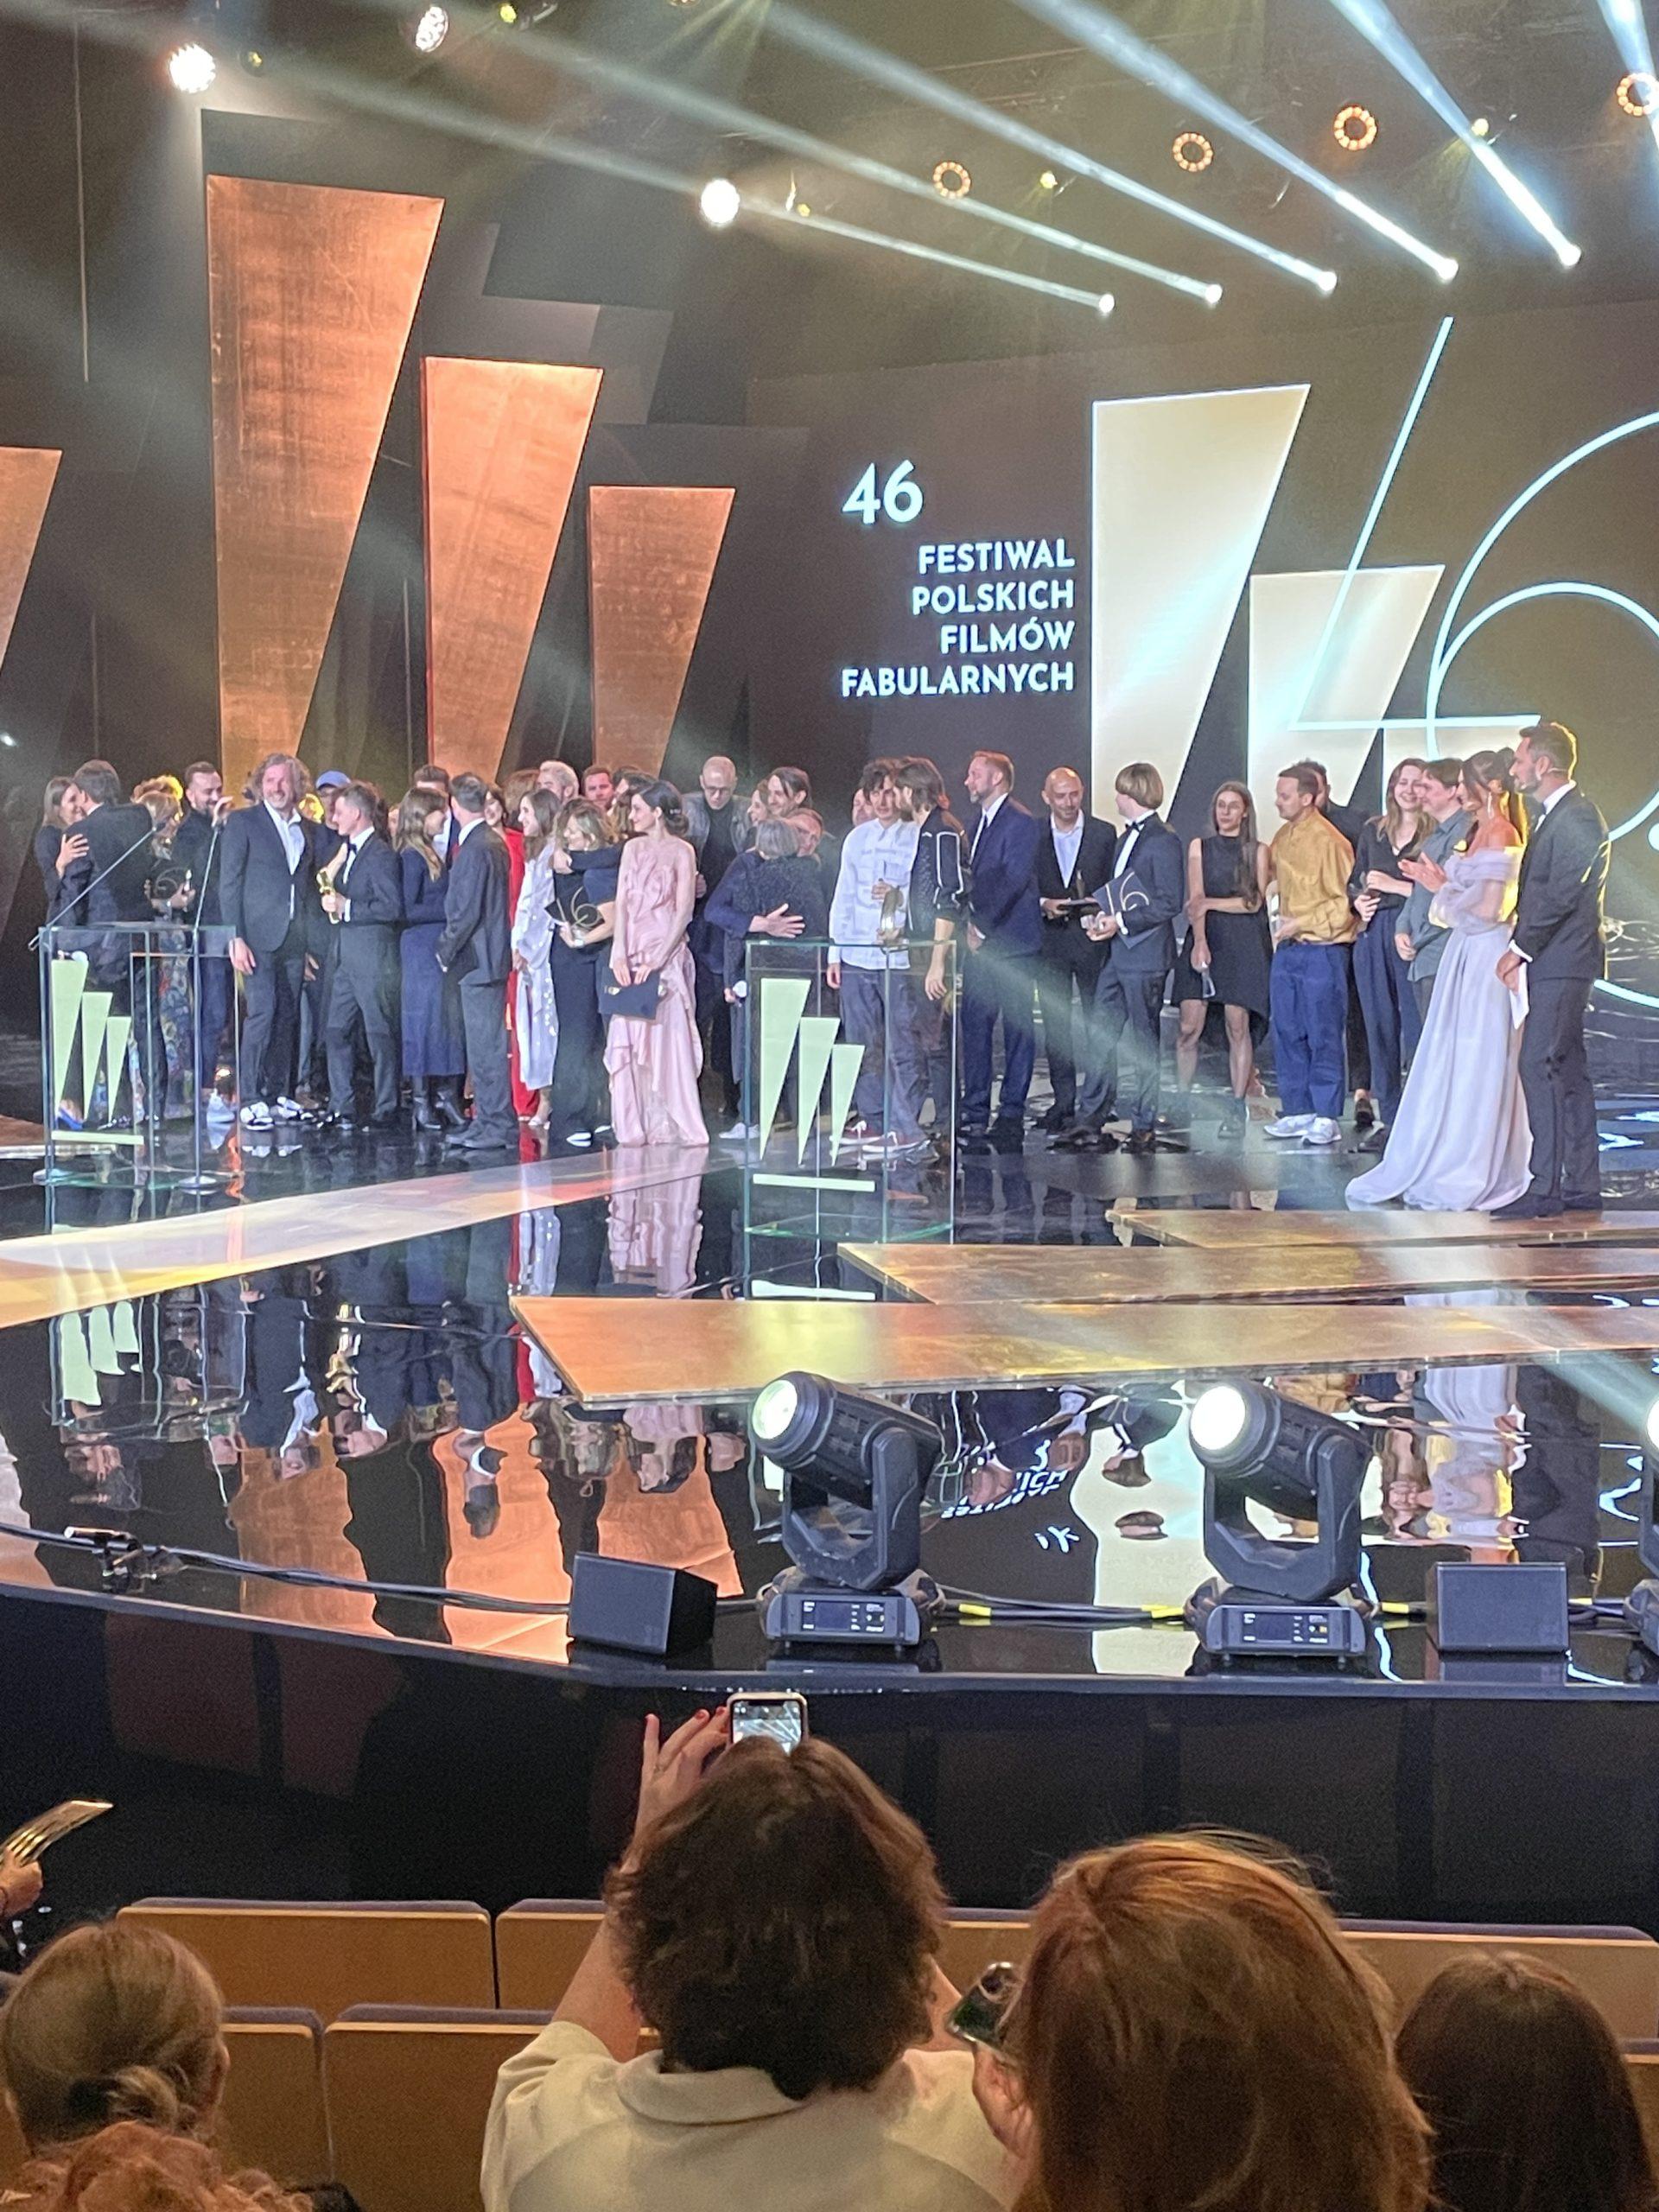 46 festiwal filmowy zakonczenie gdynia grupa igielski ochrona scaled